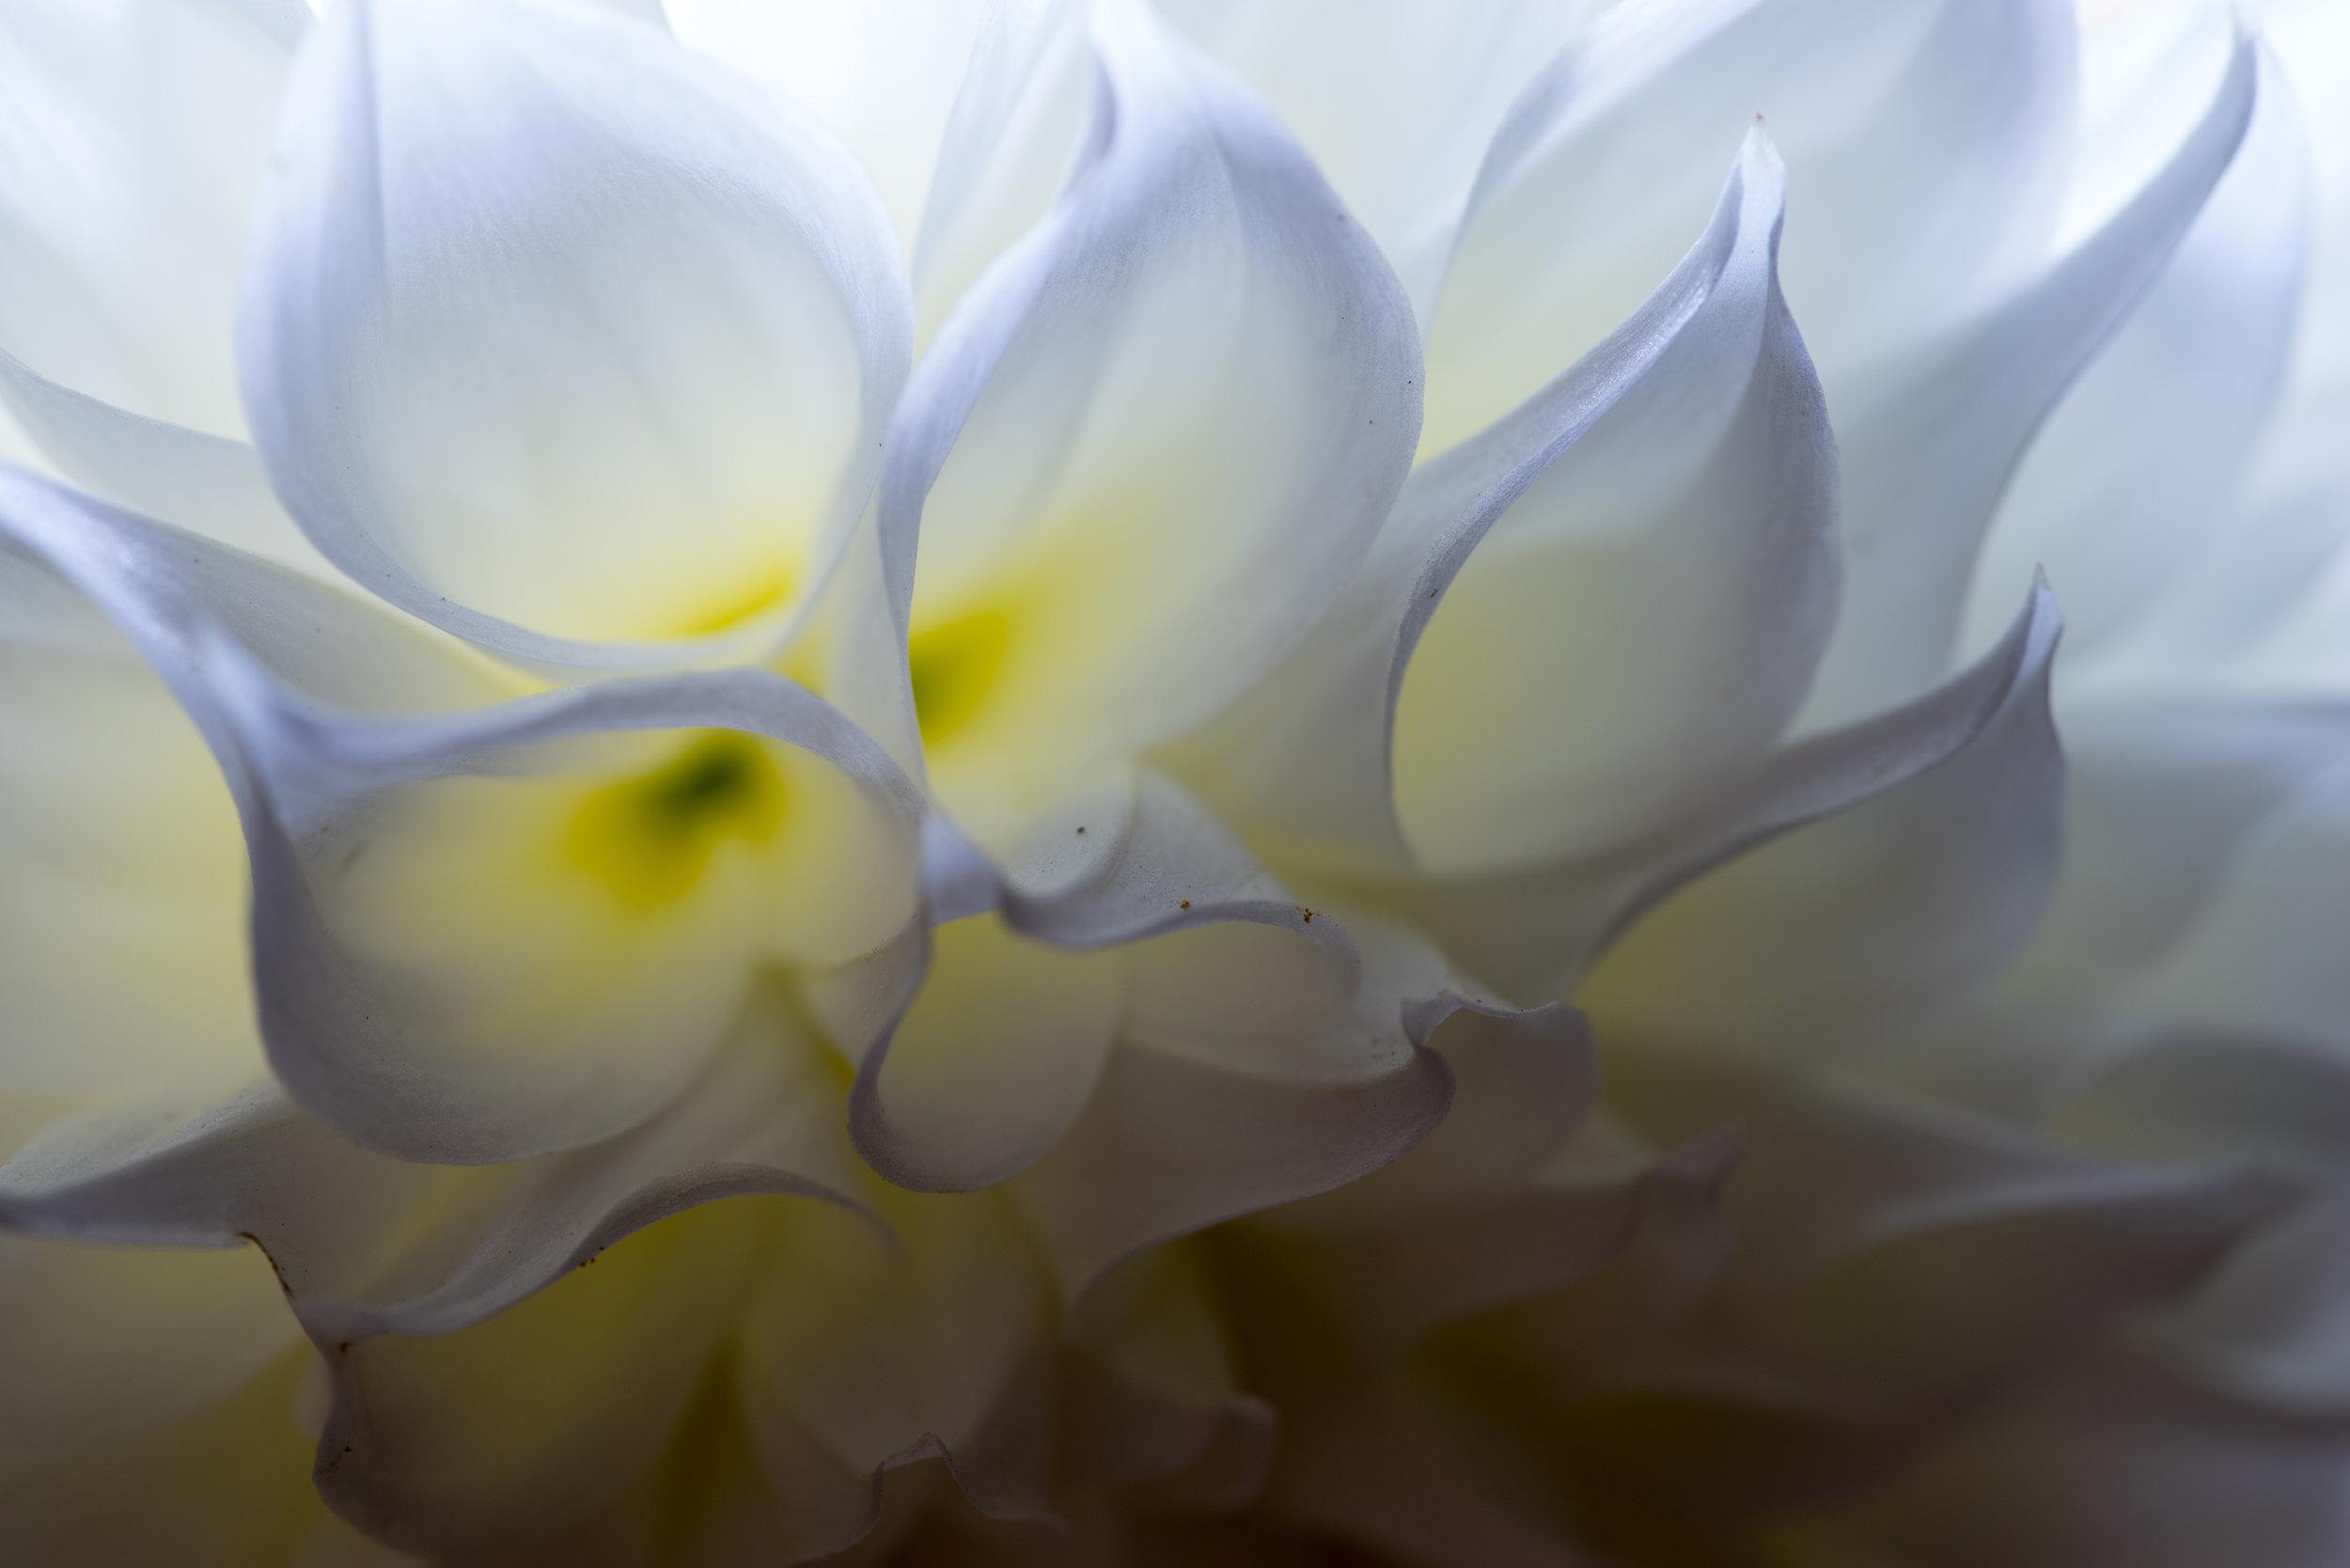 blossom_closeup-2.jpg